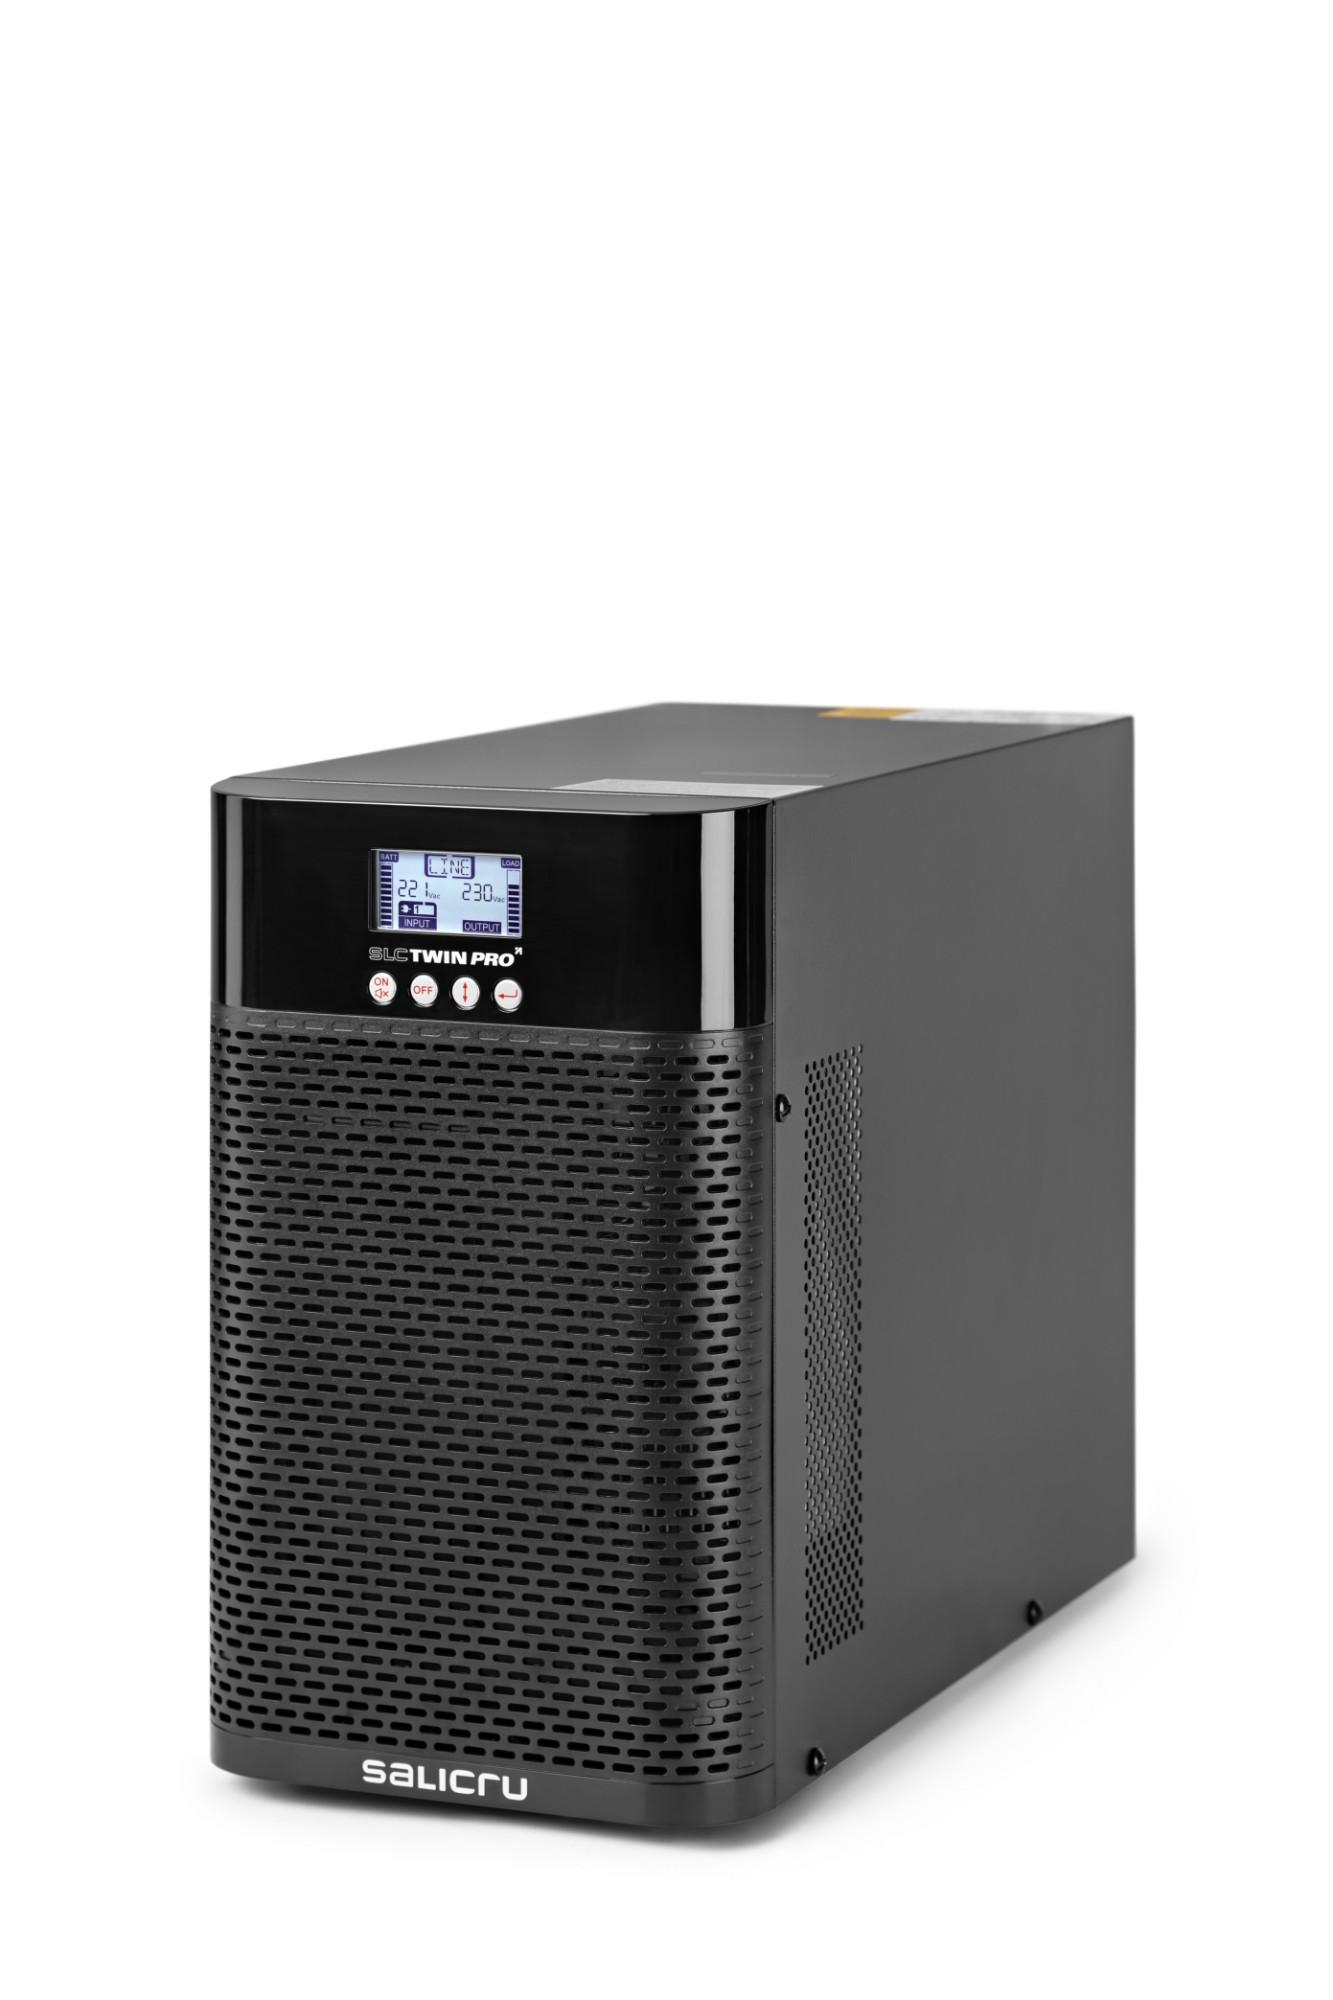 UPS Slc-1500-twin Pro2 B1 Iec  In